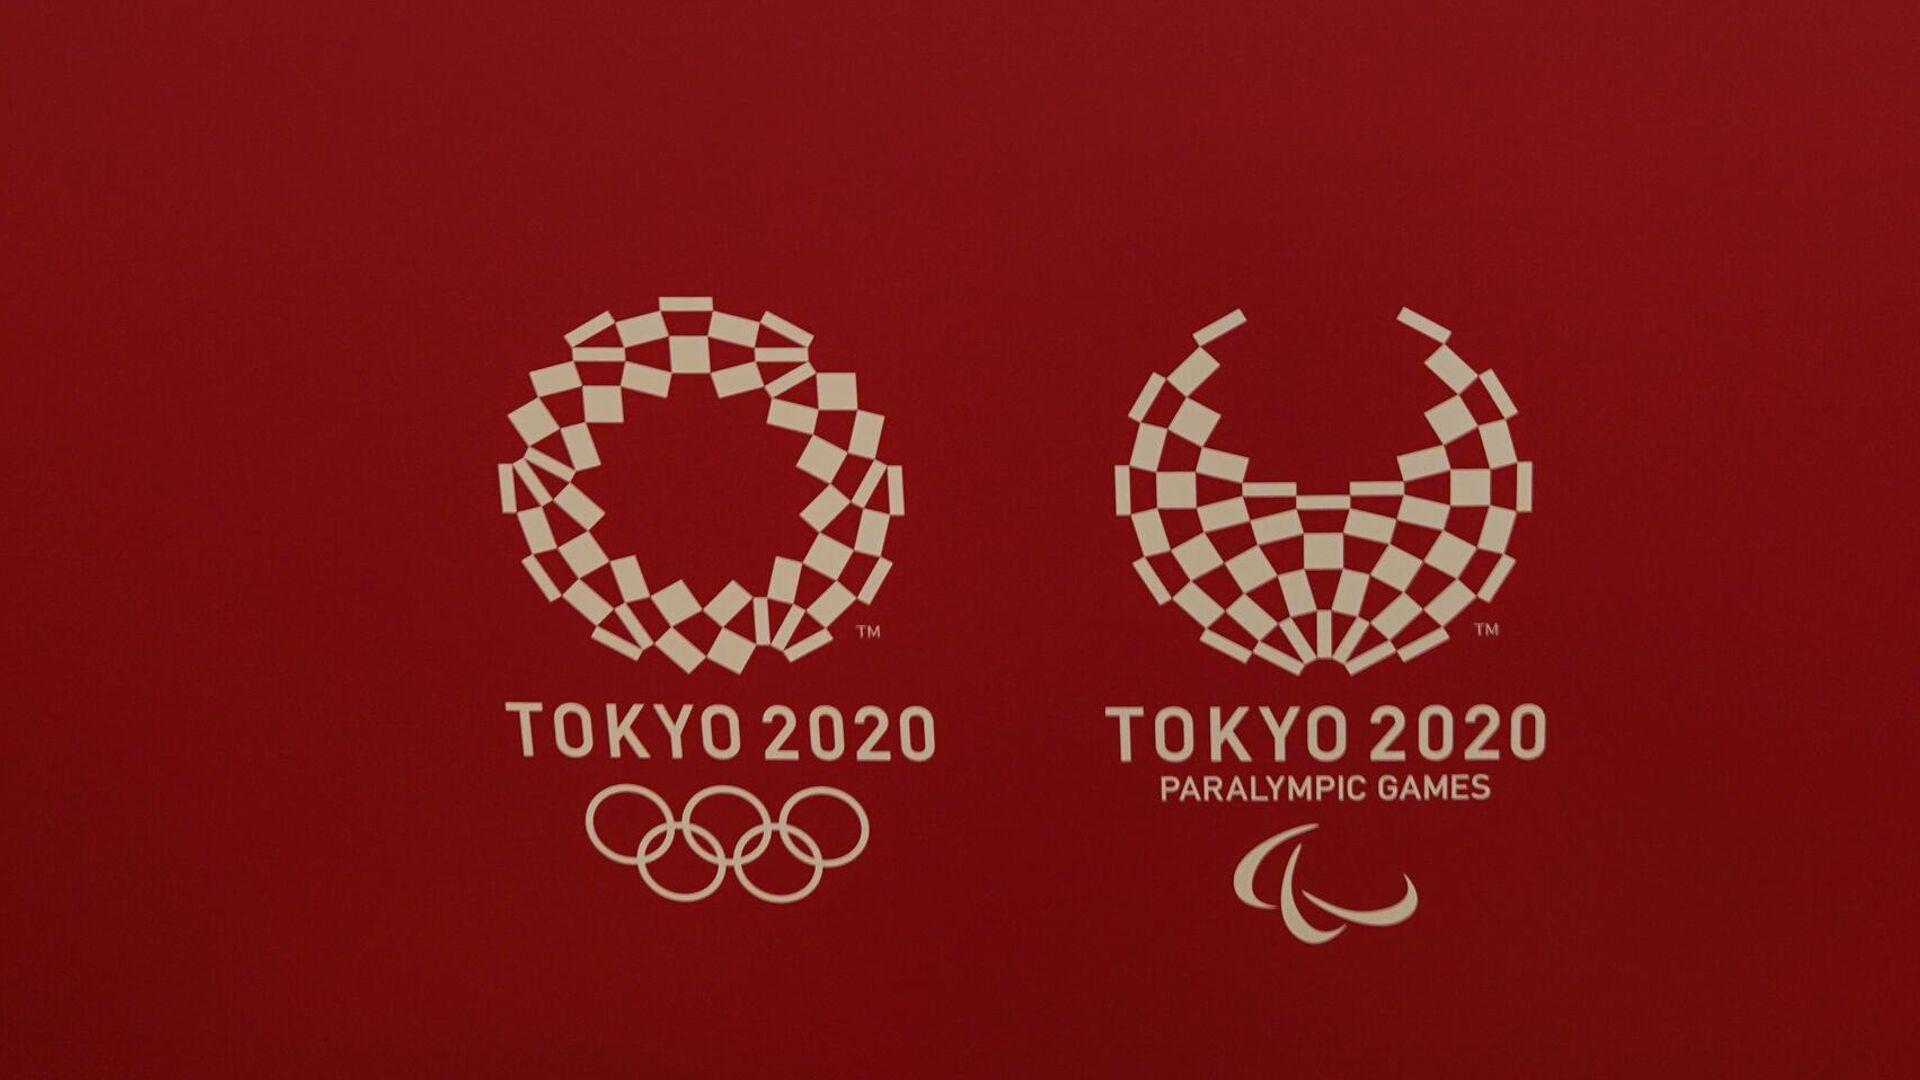 Логотипы Олимпиады и Паралимпиады в Токио - РИА Новости, 1920, 21.07.2021